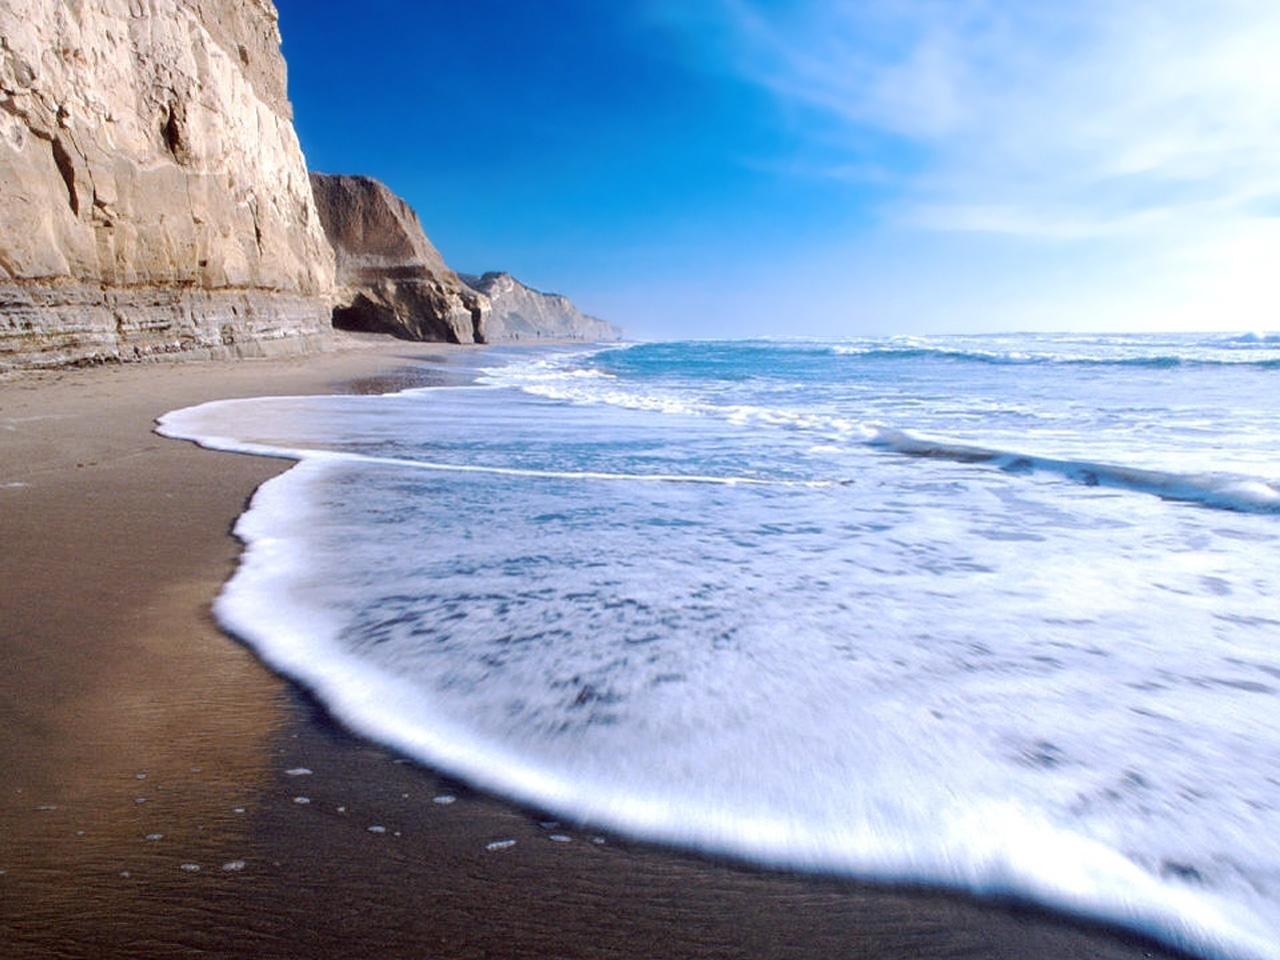 27384 скачать обои Пейзаж, Море, Волны, Пляж - заставки и картинки бесплатно